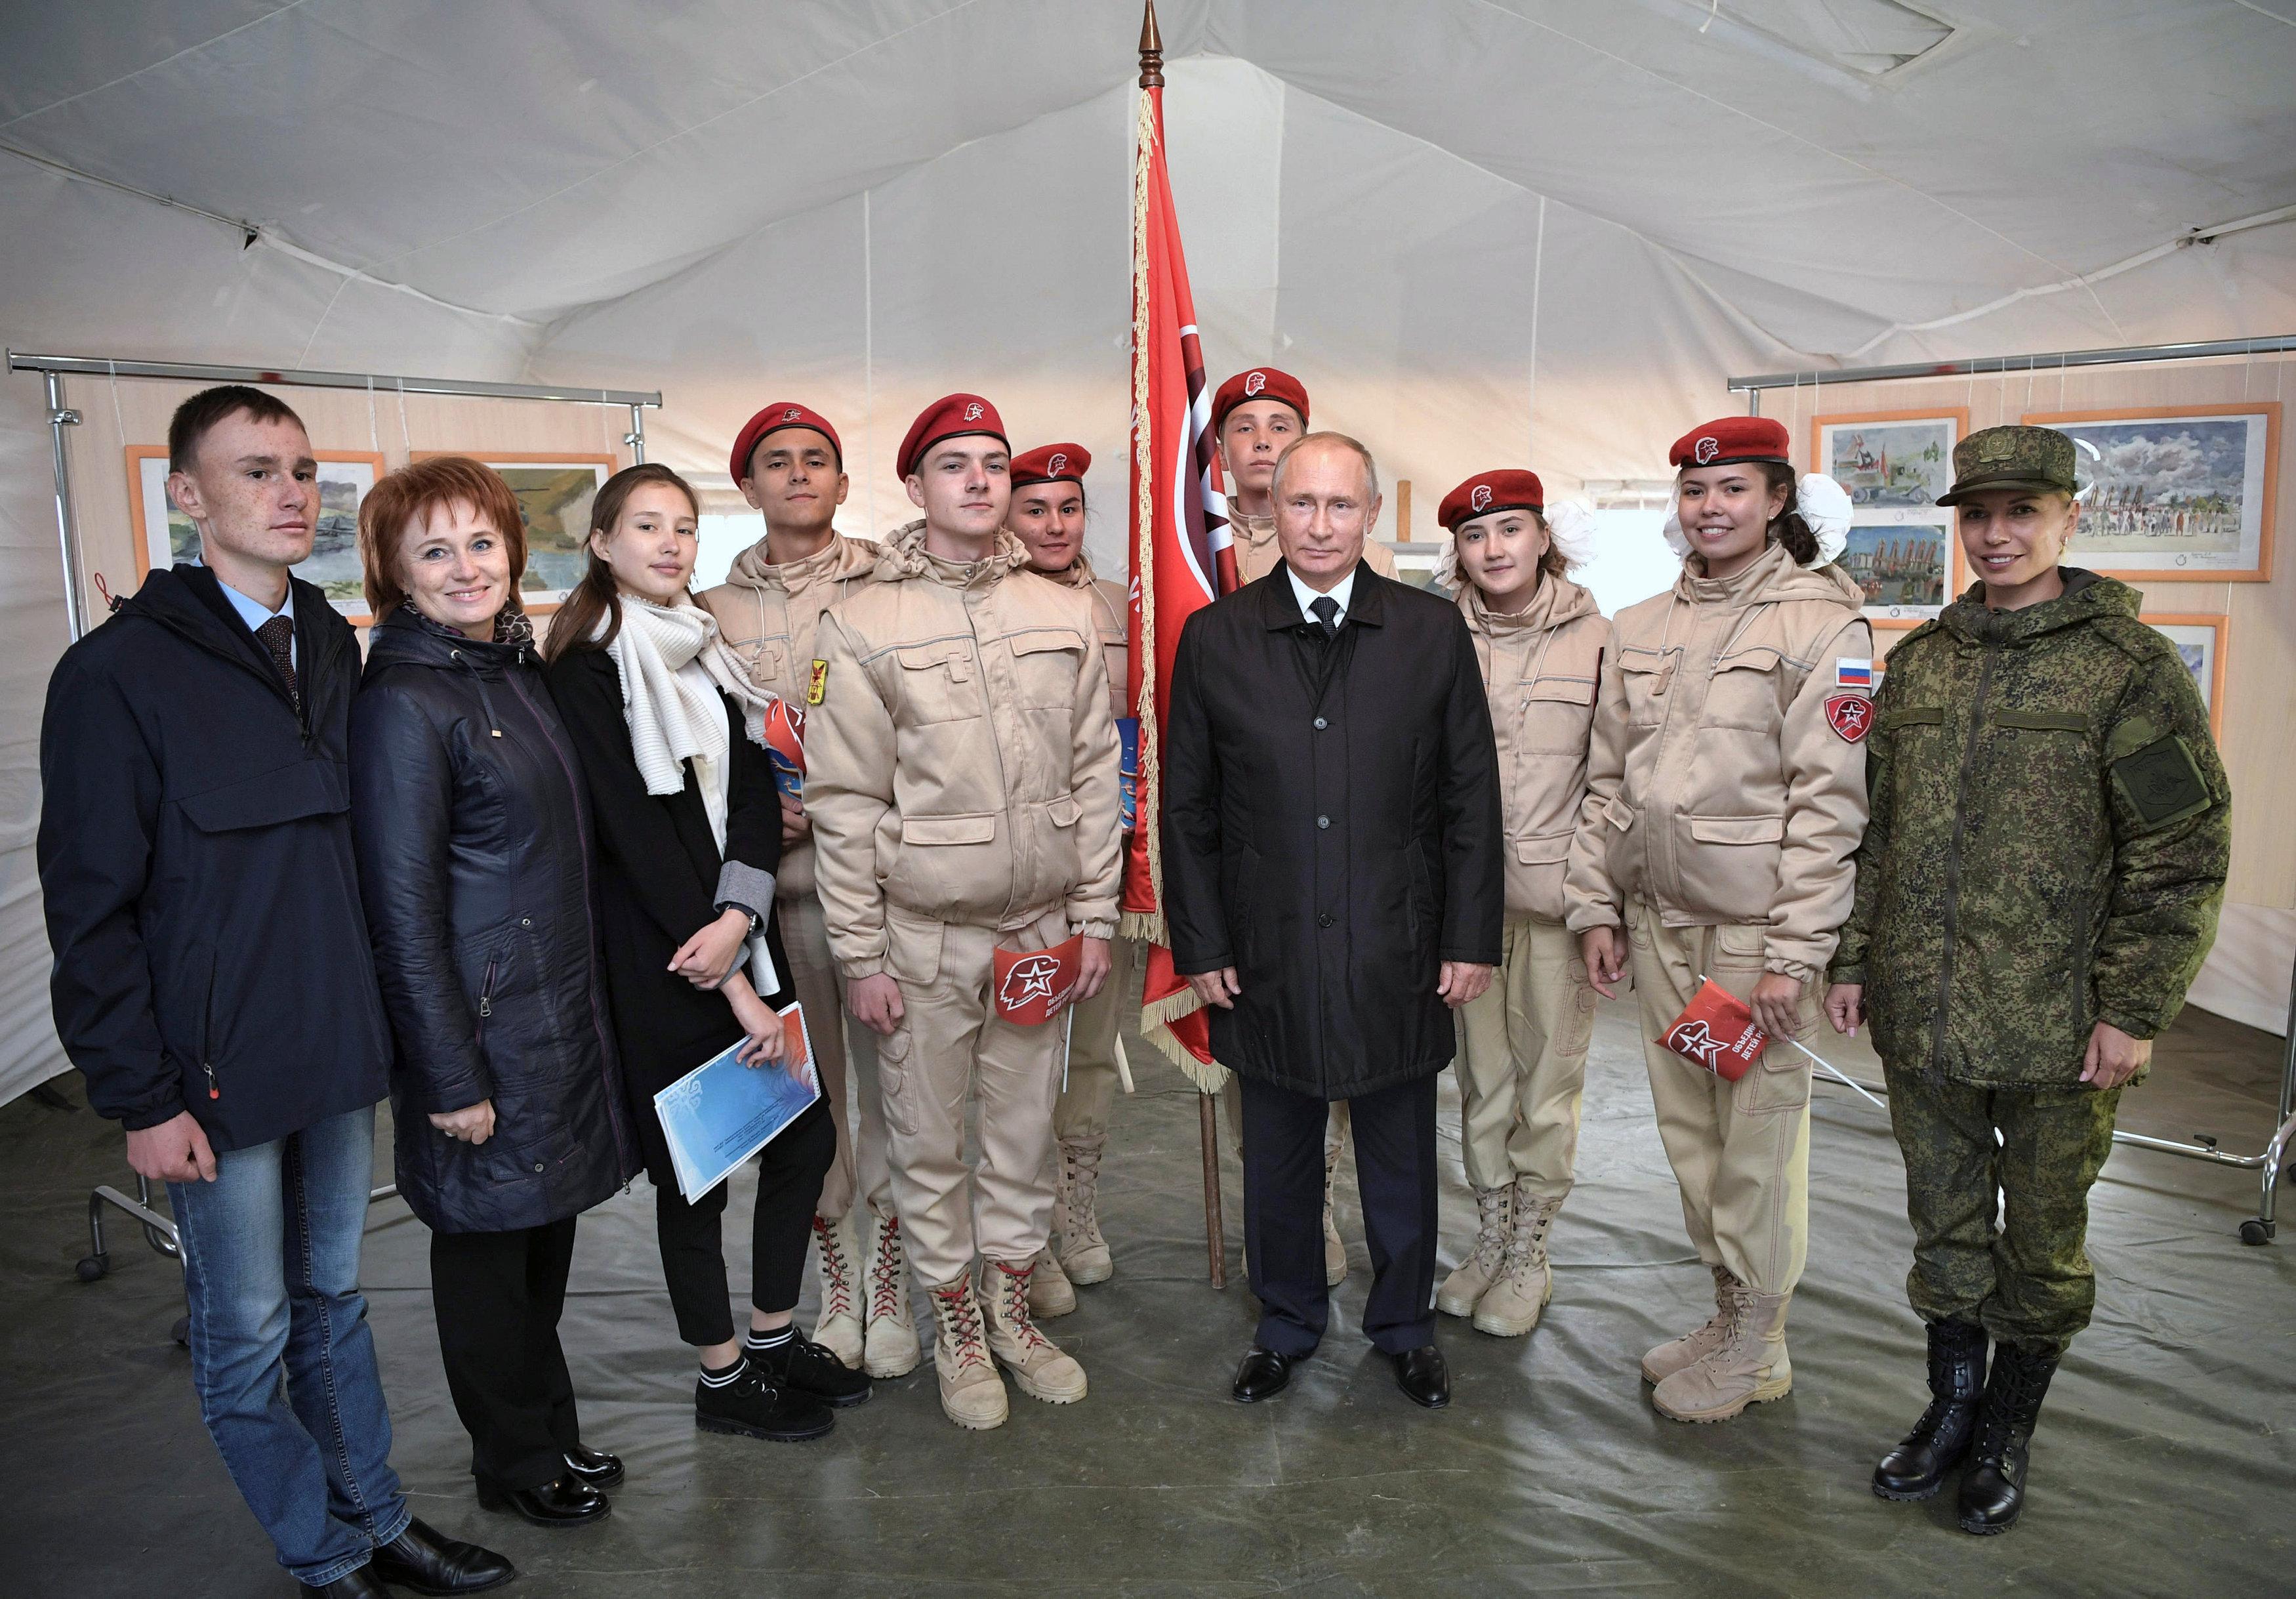 صورة تذكارية للرئيس مع عدد من الجنود